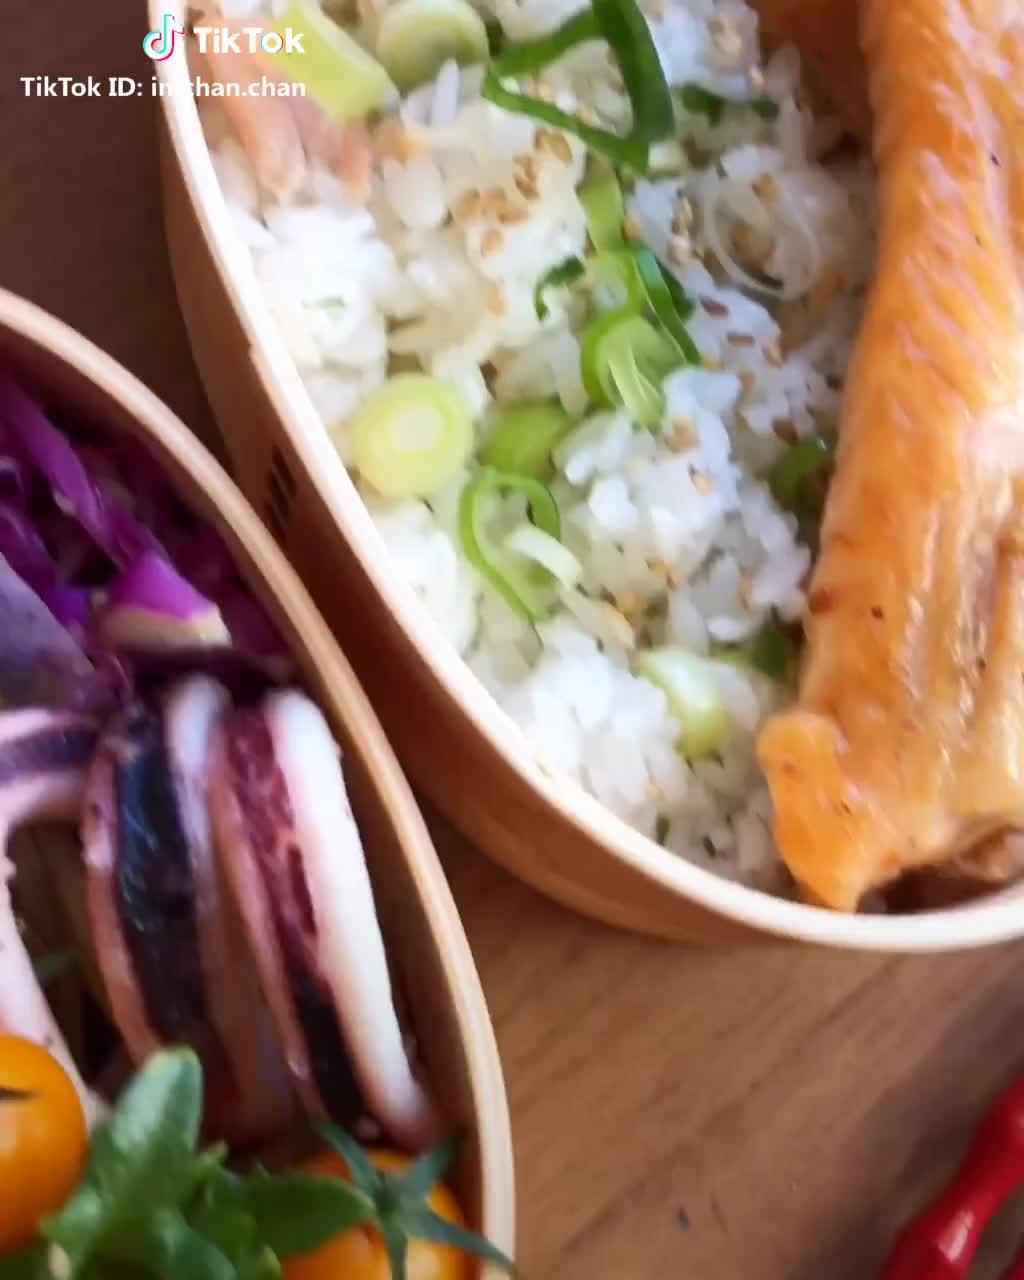 #詰め詰めお弁当  #反転世界  ❁︎鮭のハラス弁当❁︎九条葱混ぜごはん♪̊̈♪̆̈ GIFs